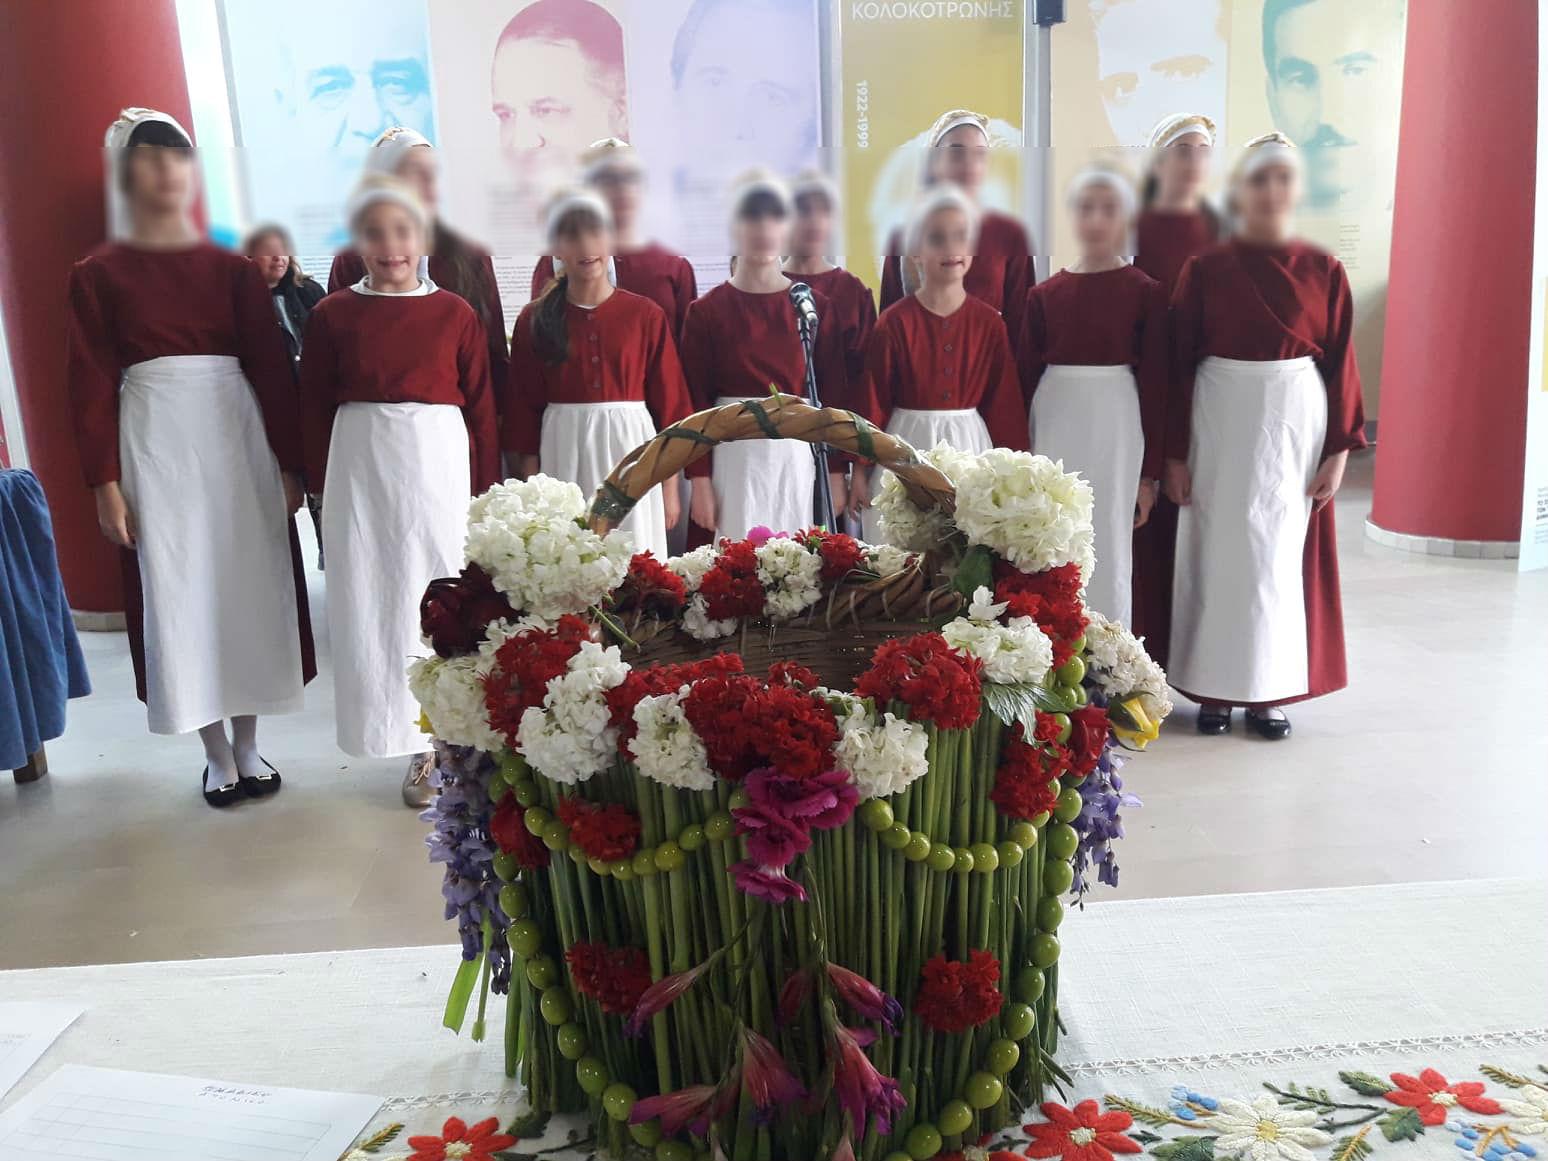 Γιορτή Λαζαρίνων στα Τρίκαλα